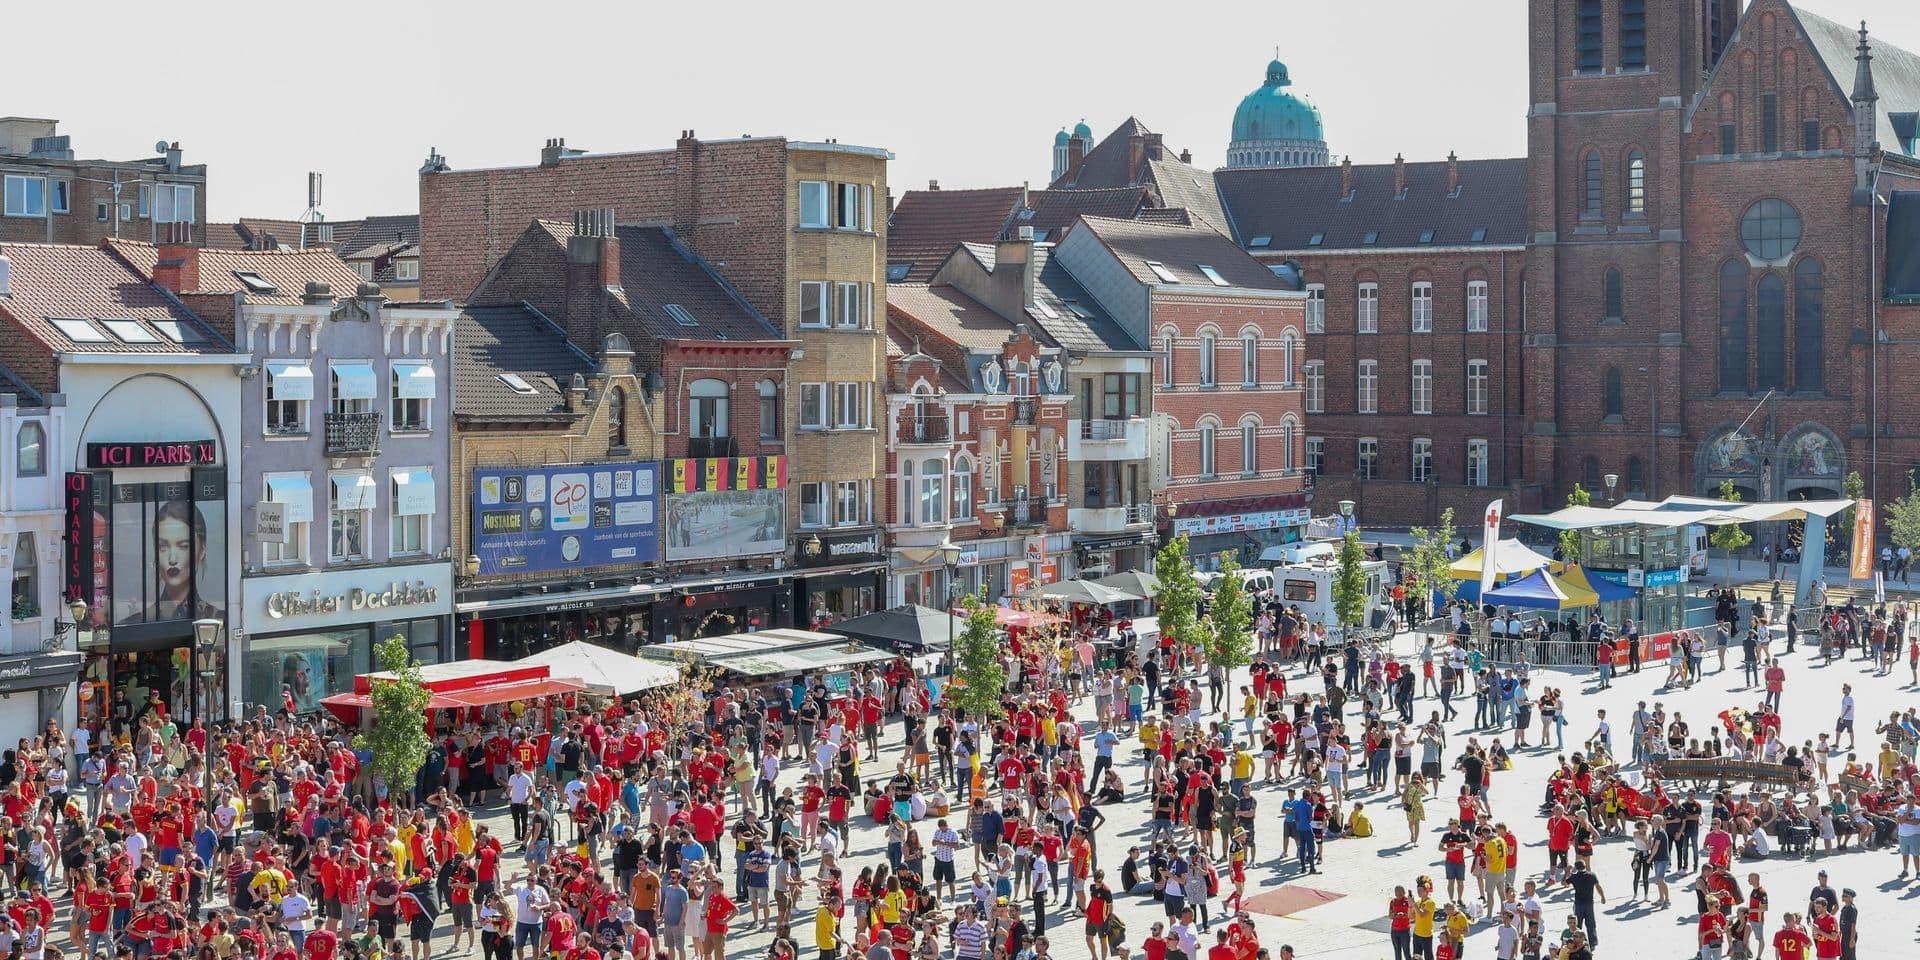 C'est décidé : pas d'écrans géants à Bruxelles avant le 30 juin minimum